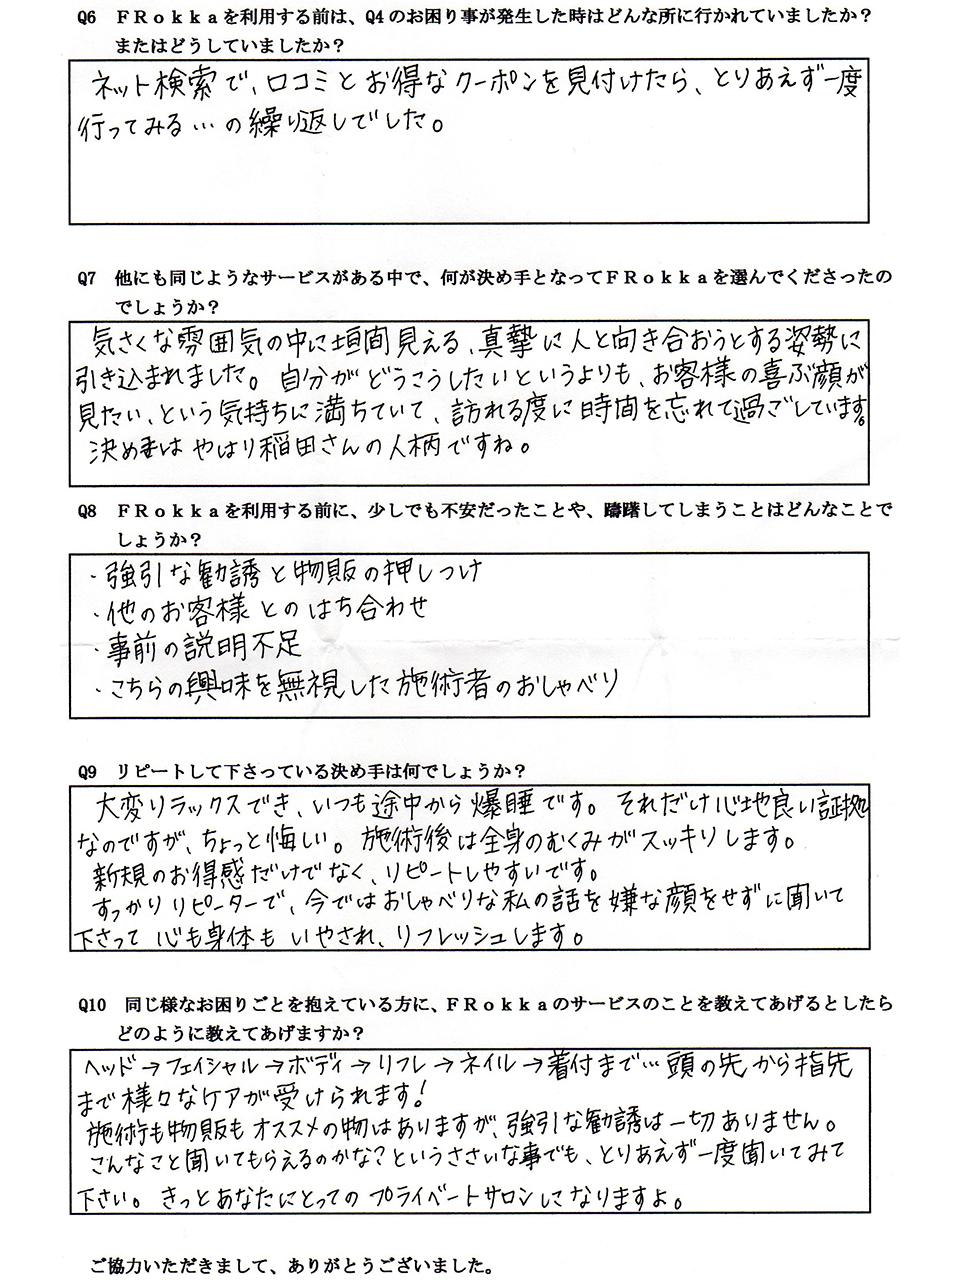 お客様アンケート(30代後半女性)2